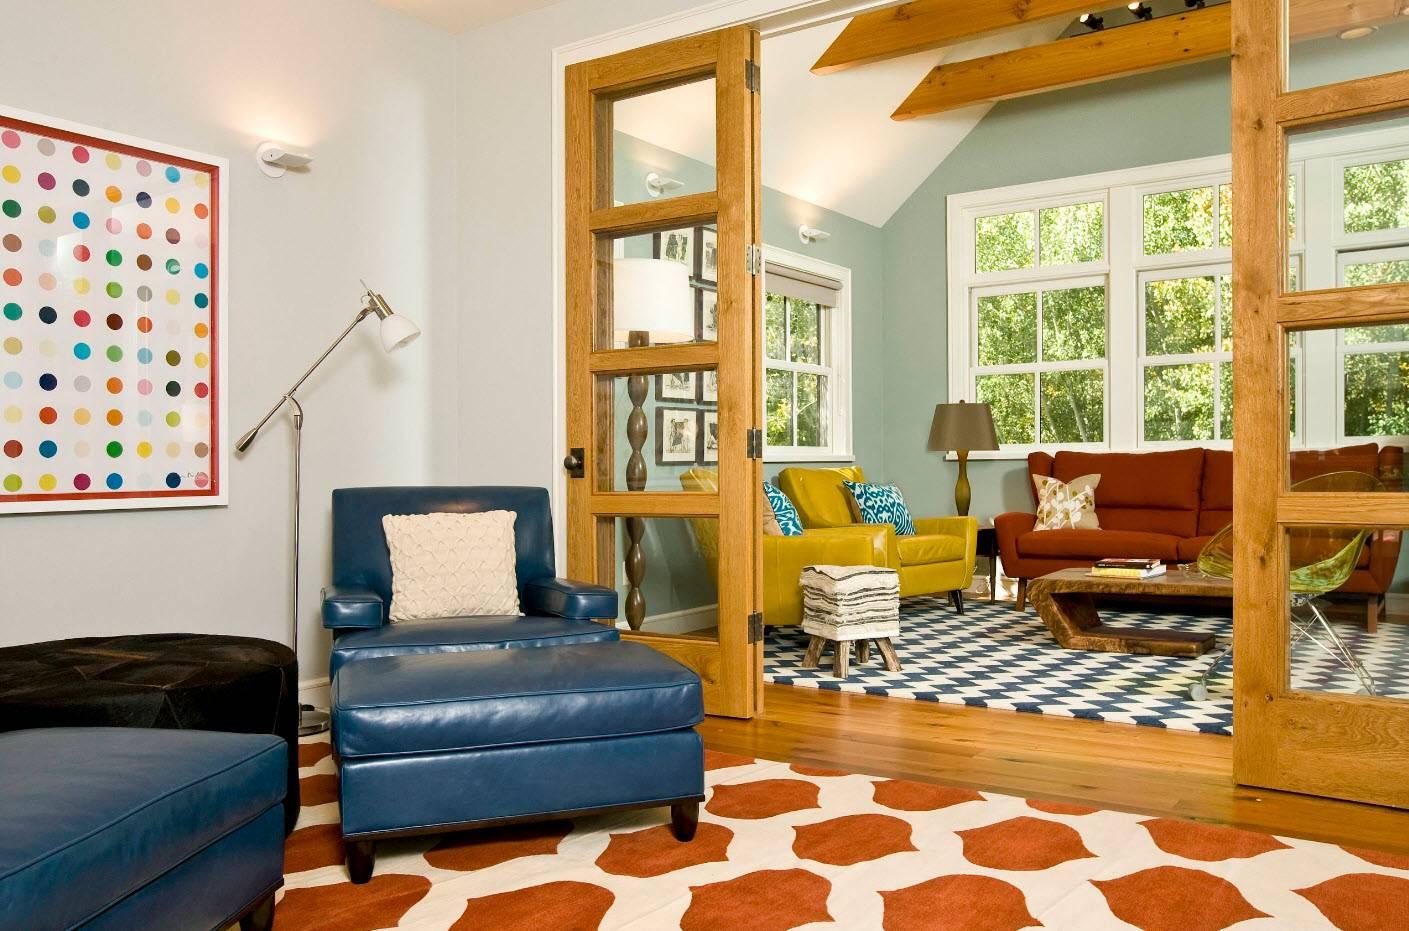 Дизайнерские современные кресла в гостиную - купить стильные оригинальные современные кресла в гостиную в москве, цена в интернет-магазине